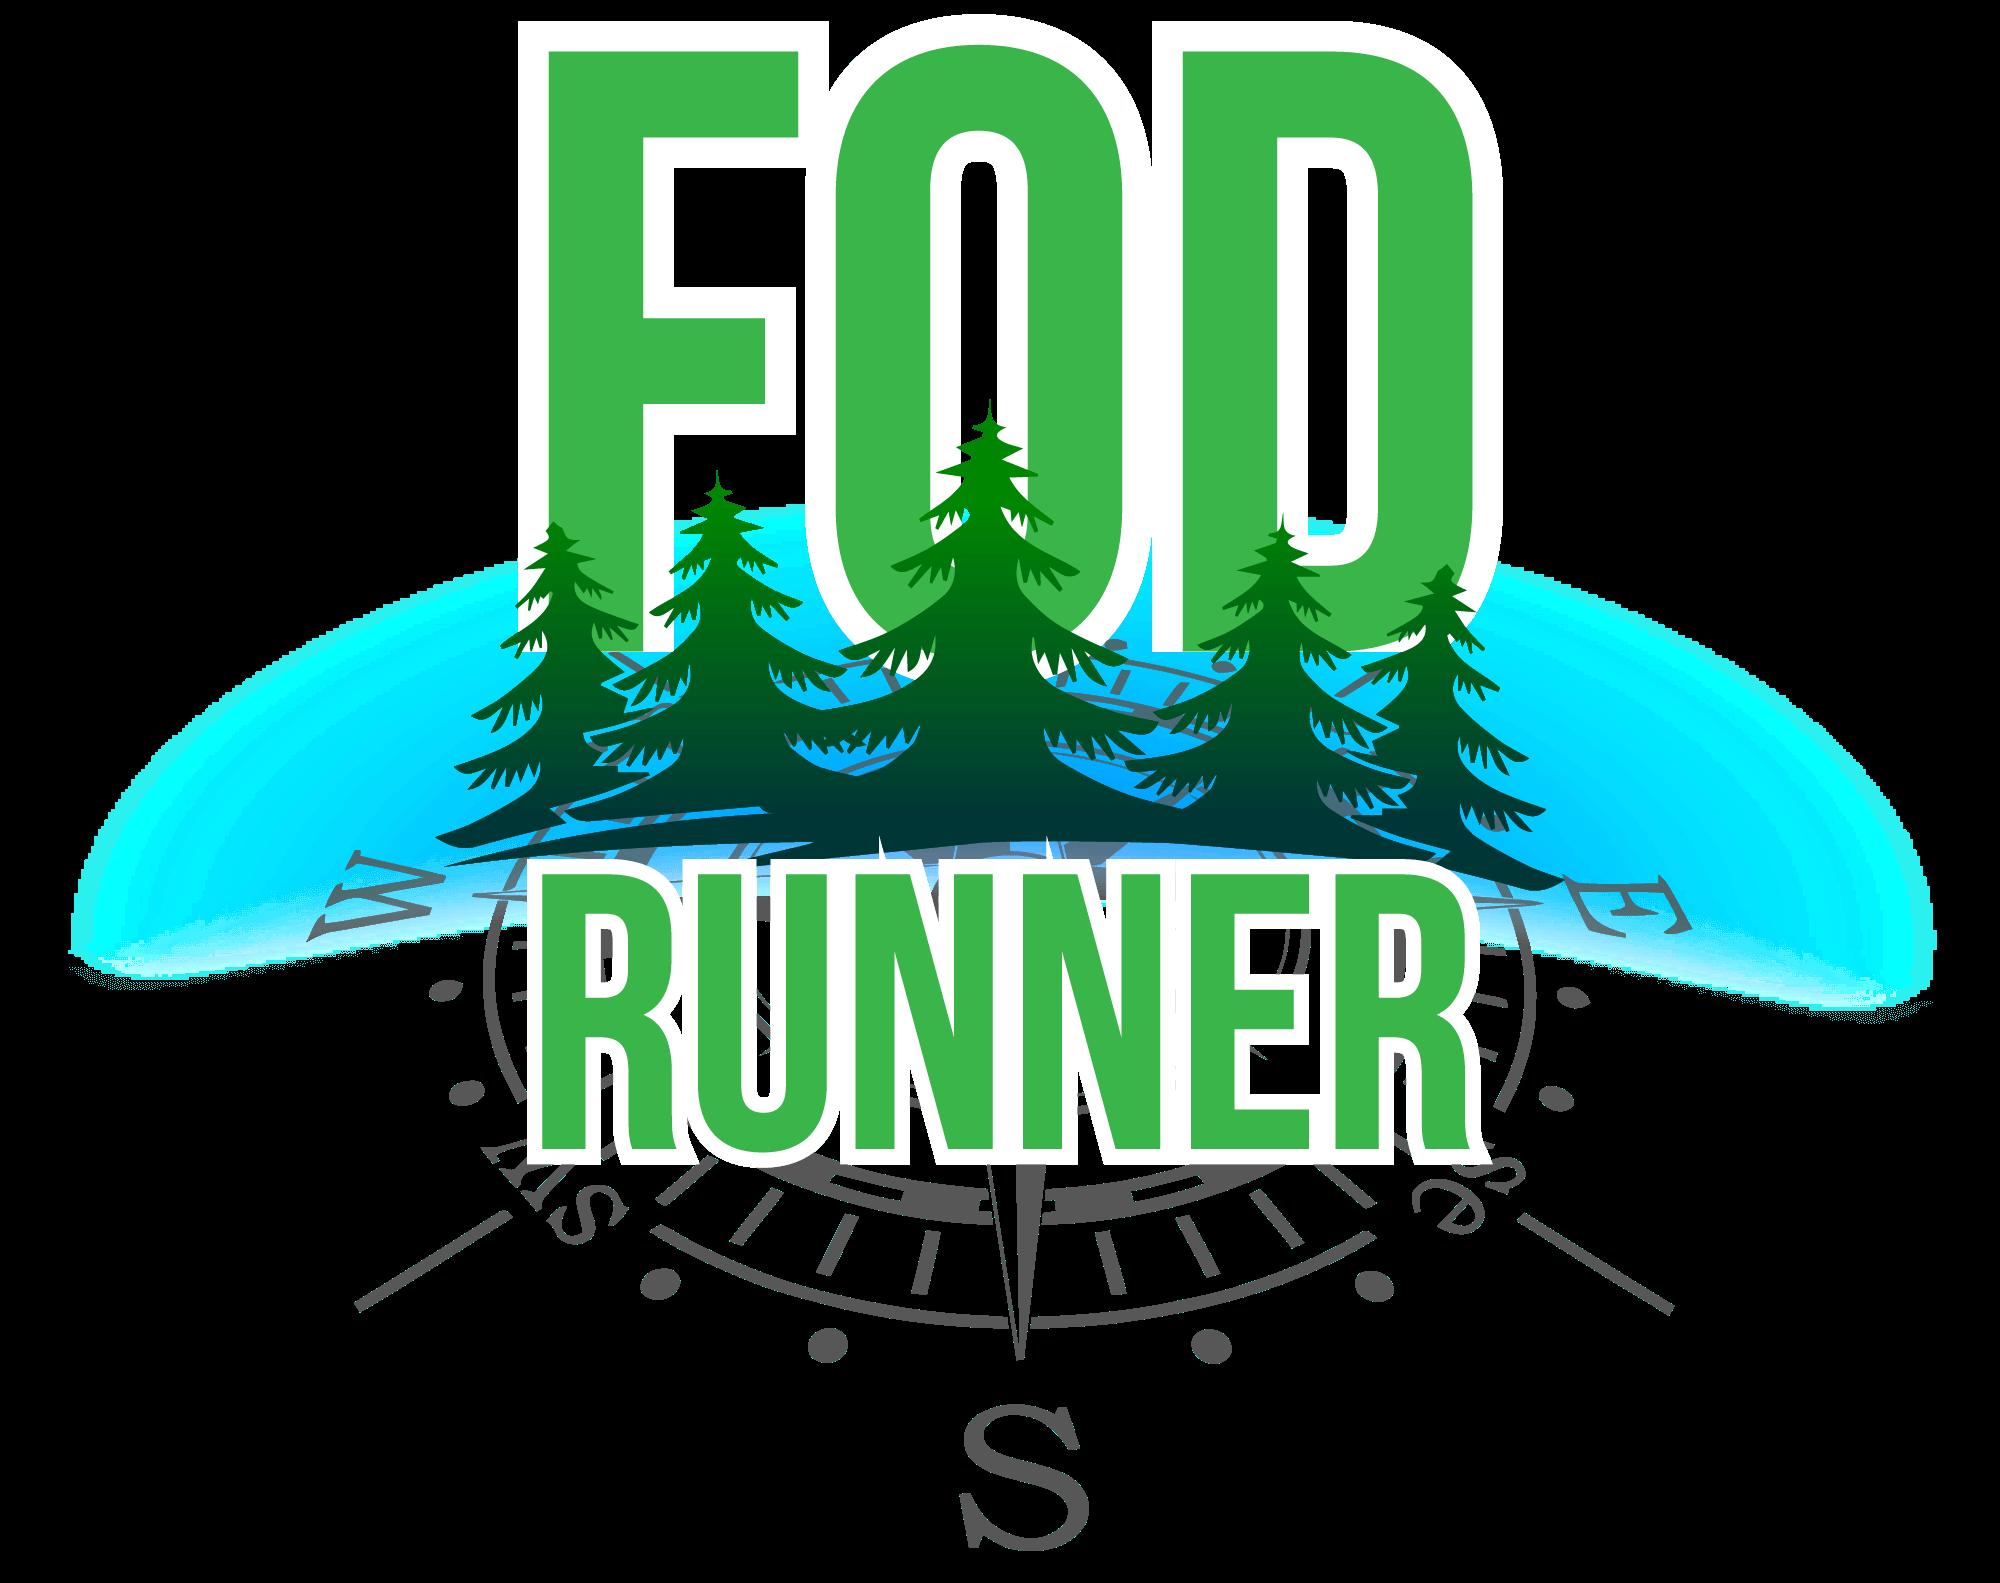 fod runner logo